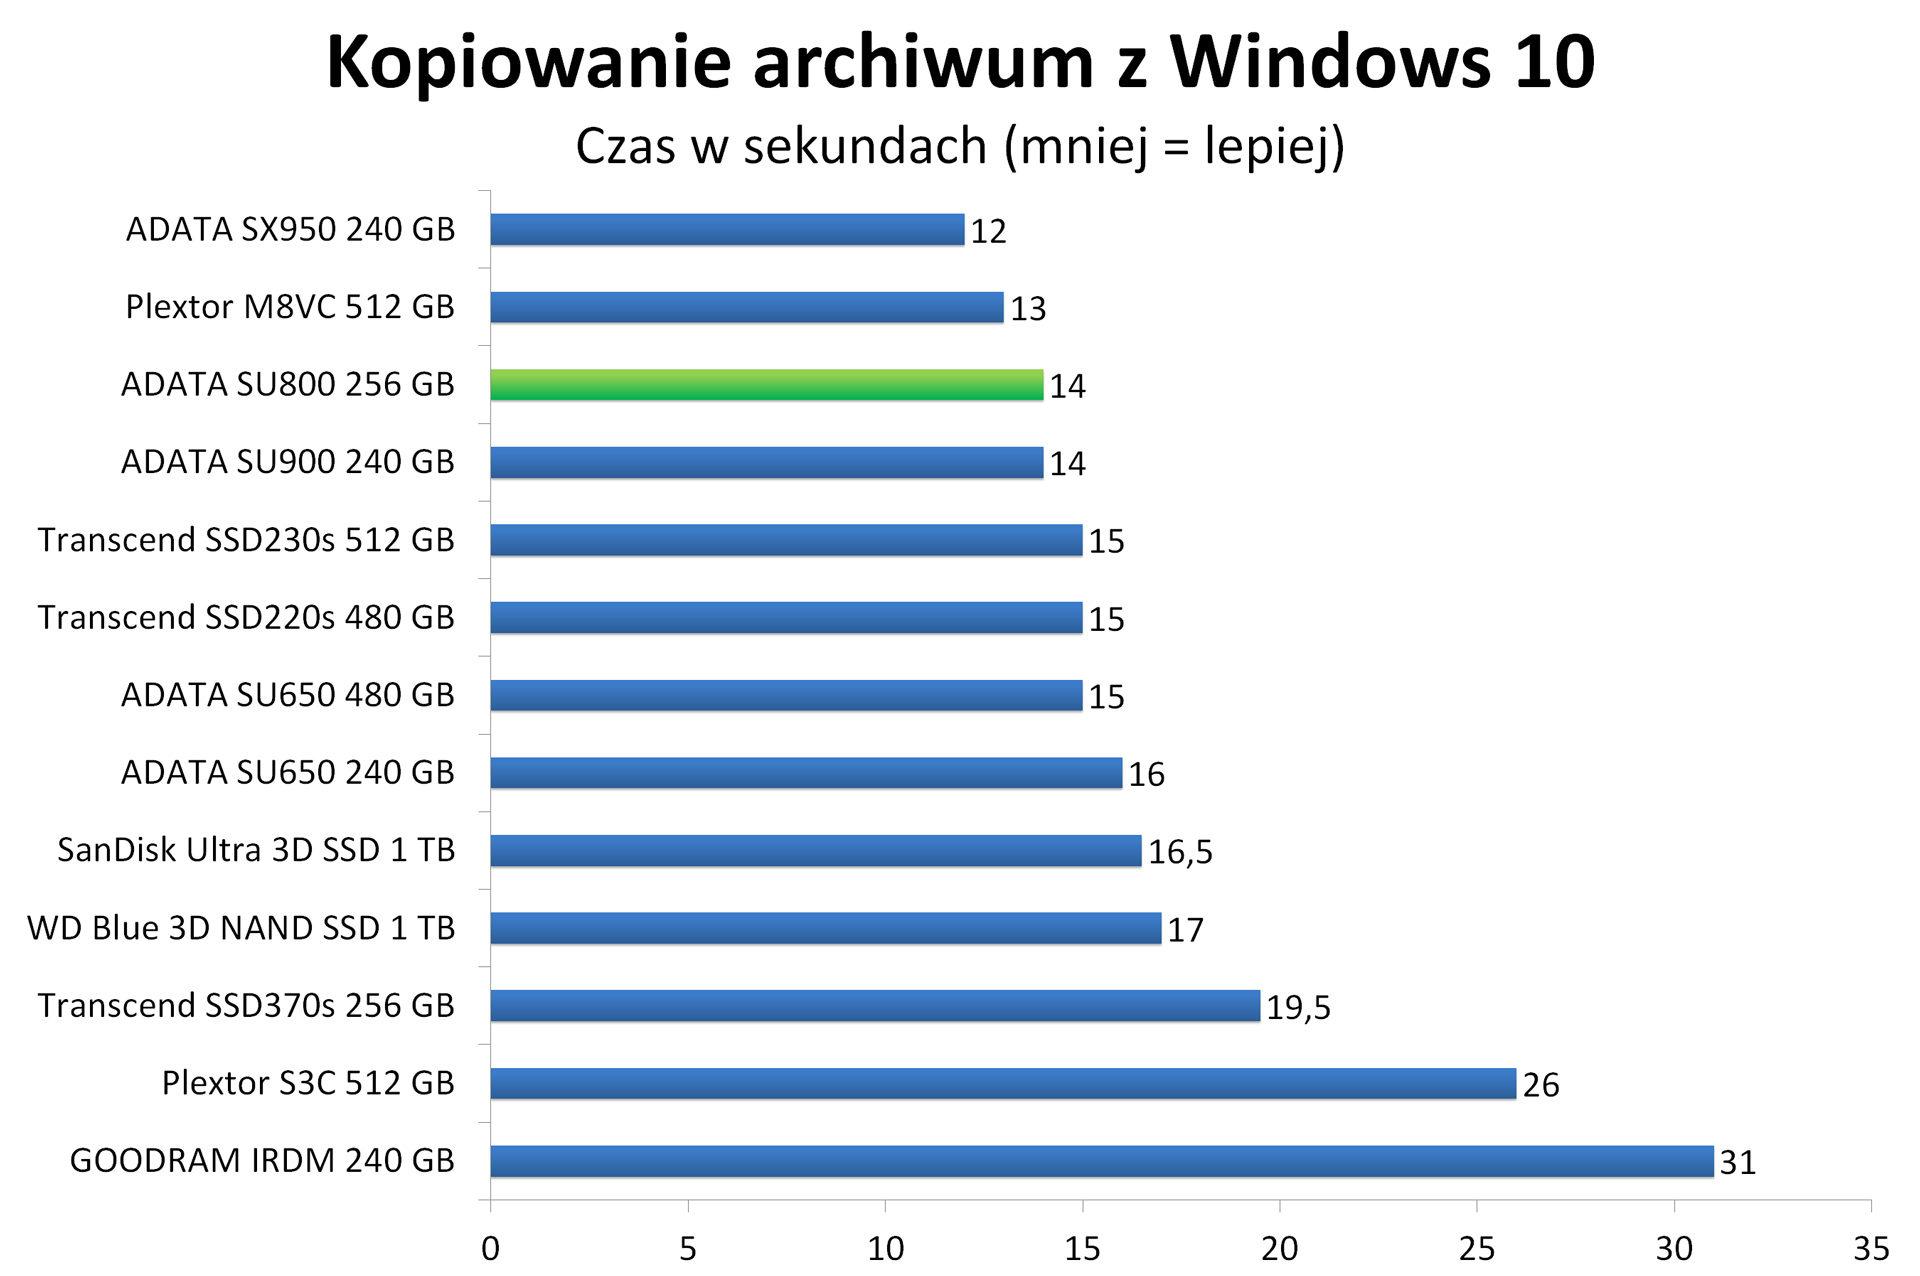 ADATA SU800 256 GB - Kopiowanie spakowanego obrazu Windows 10 w 7-zip